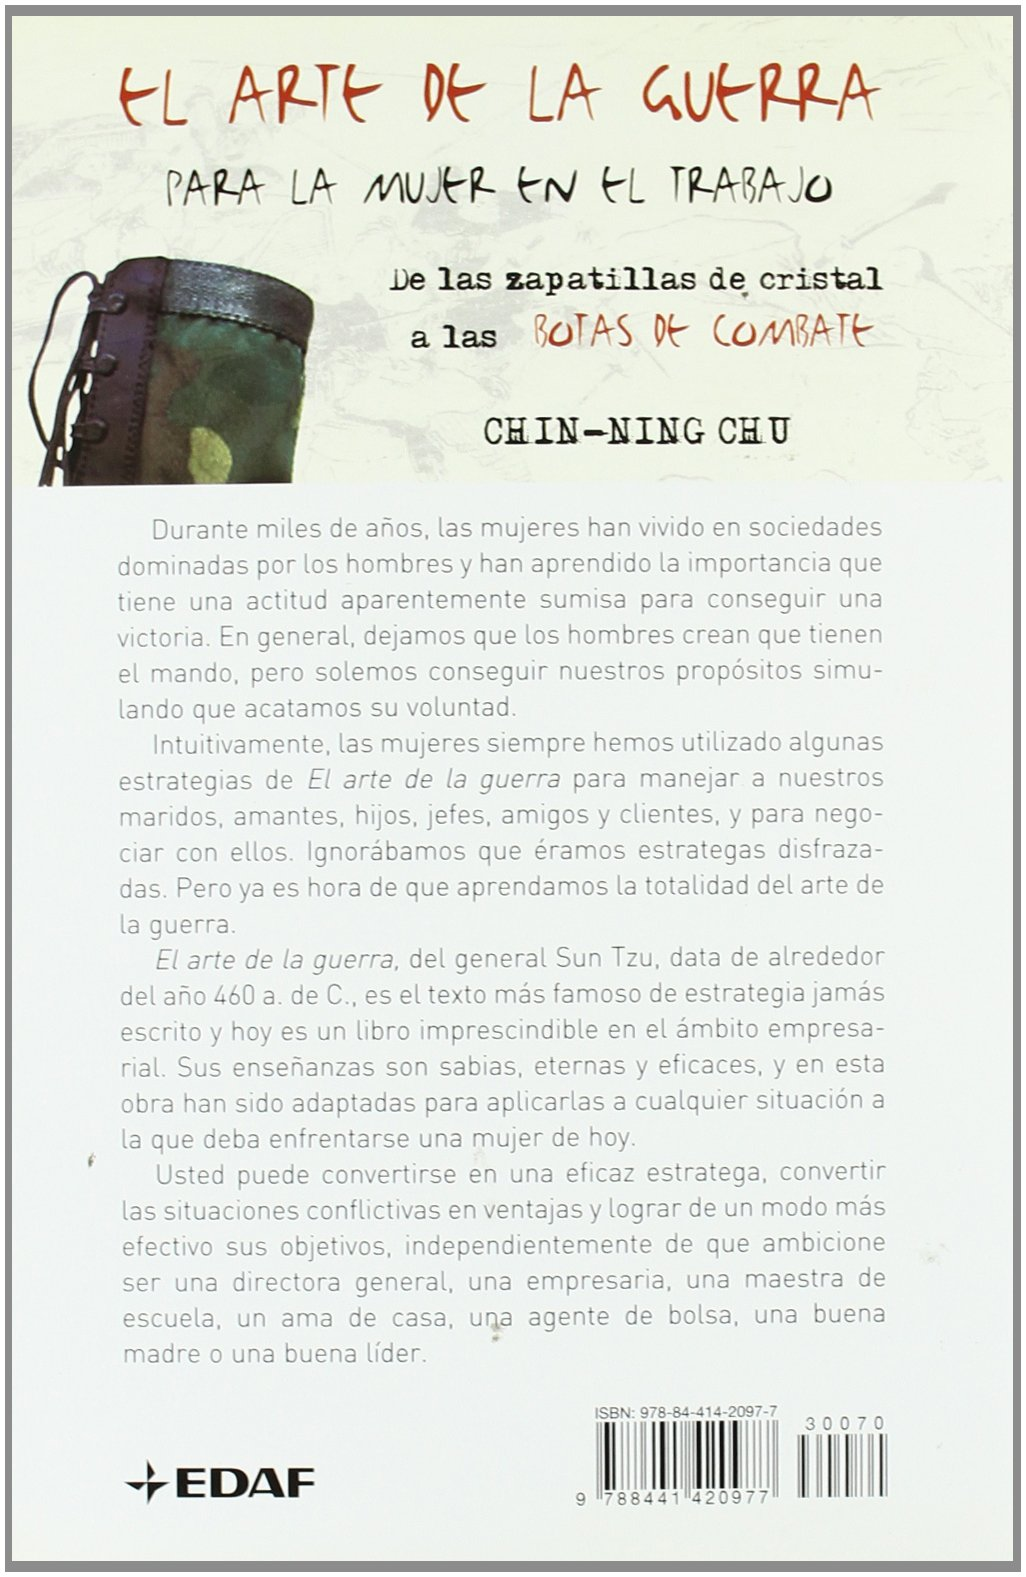 El Arte de la Guerra /para la mujer en el trabajo (Spanish Edition): Chin-Ning-Chu: 9788441420977: Amazon.com: Books